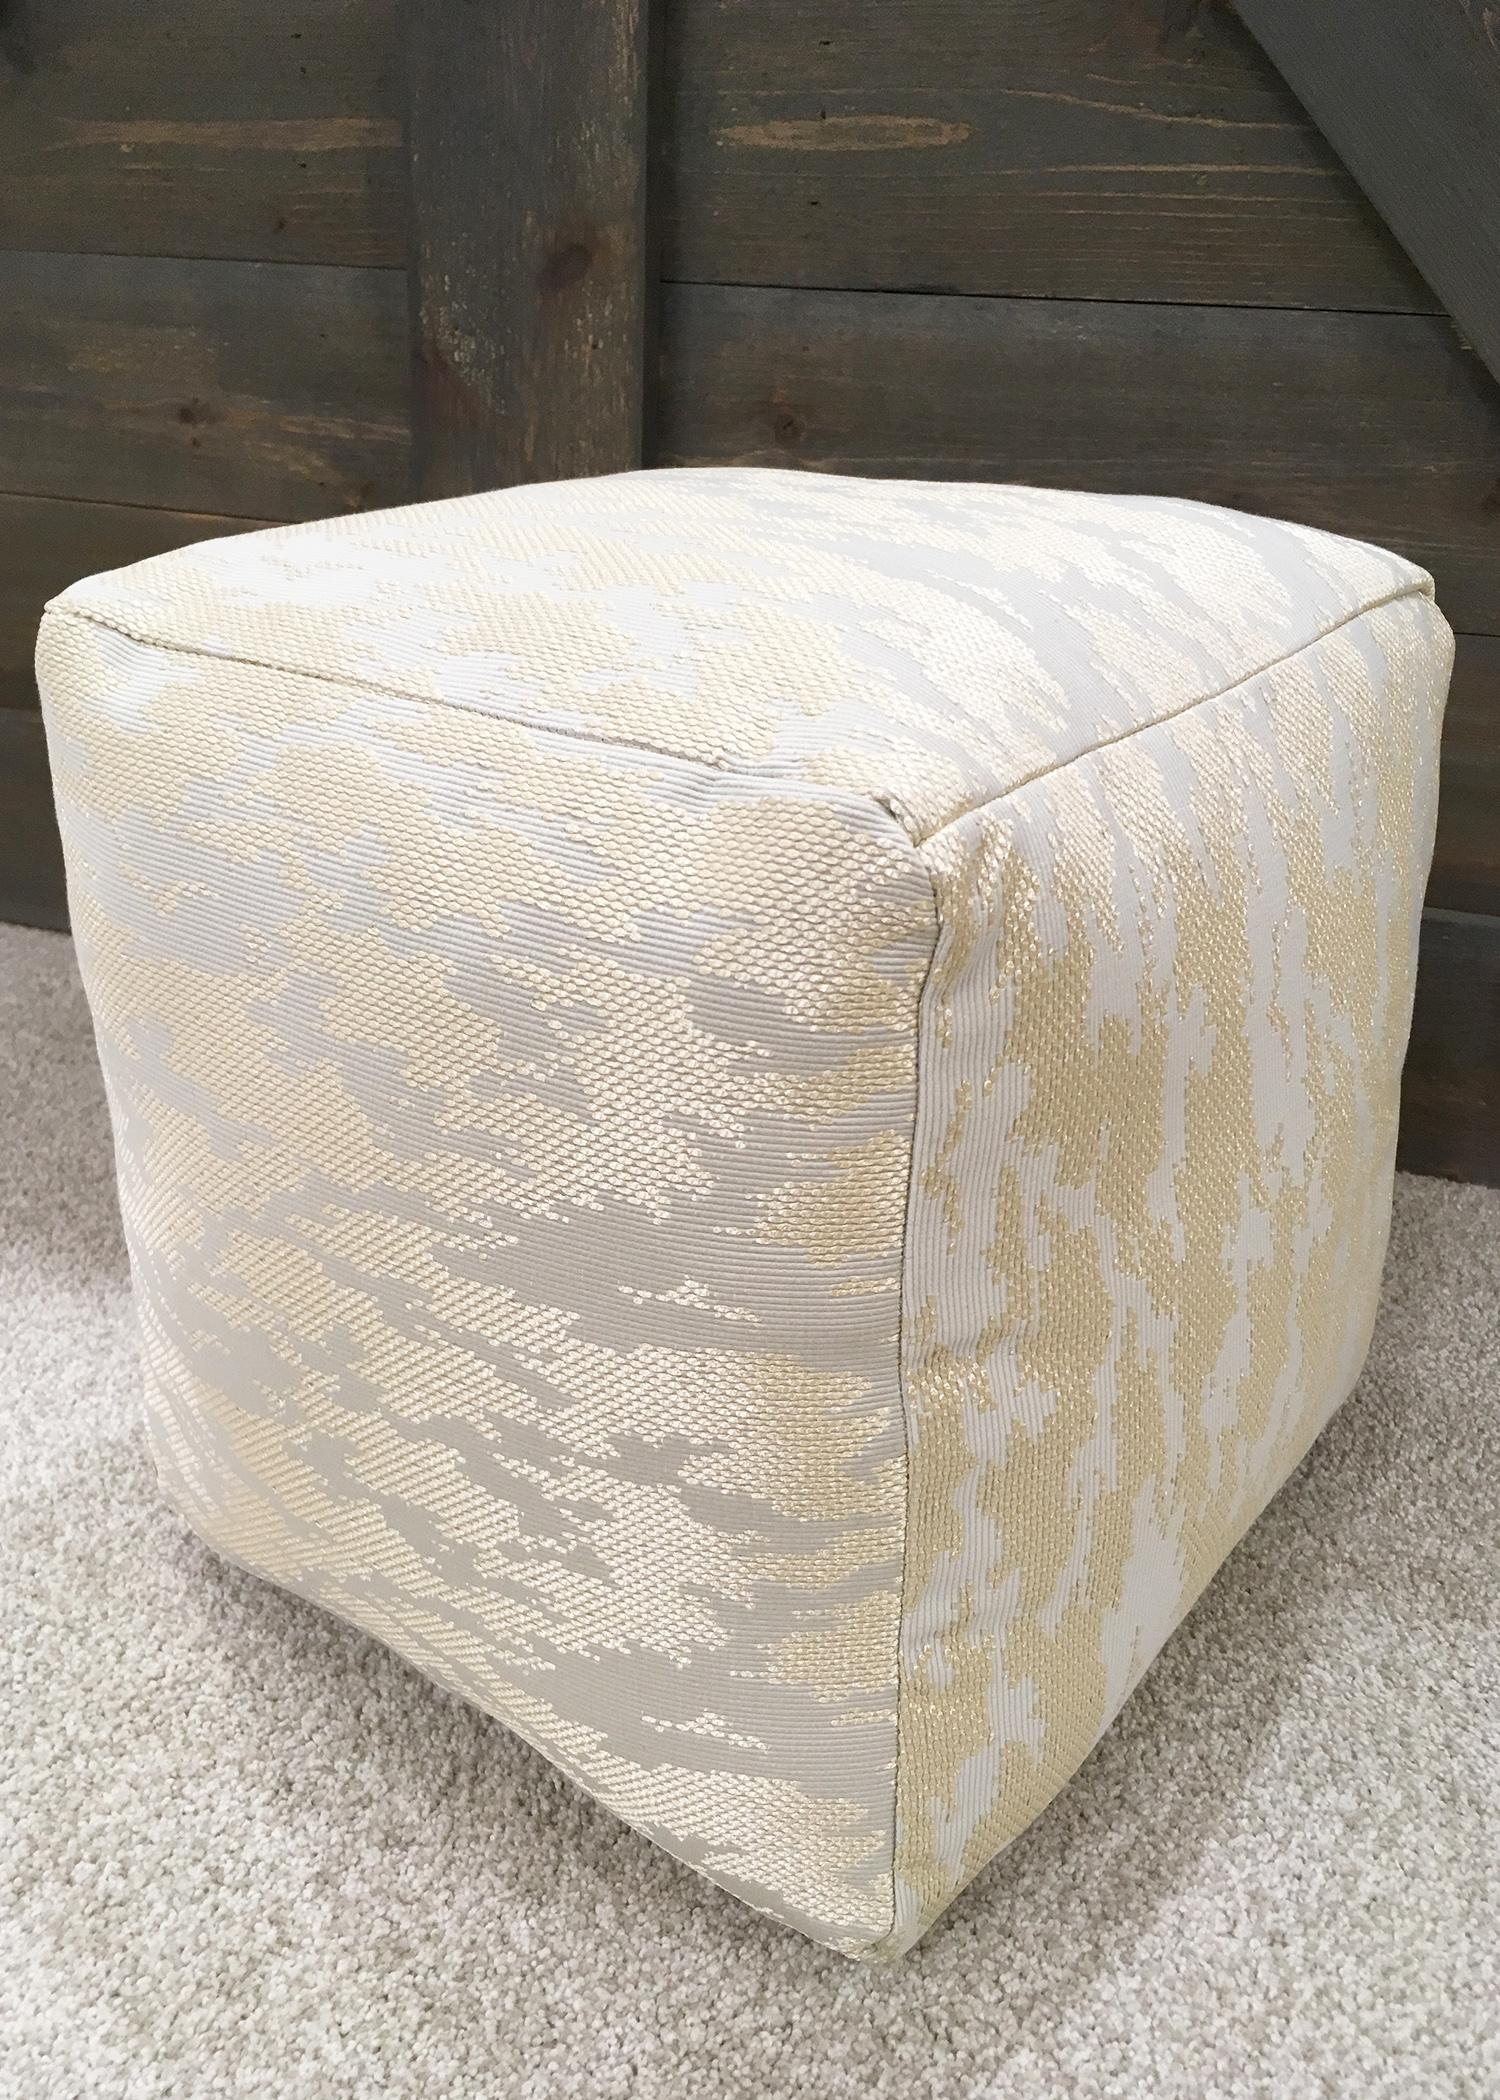 DIY West Elm-inspired floor pouf